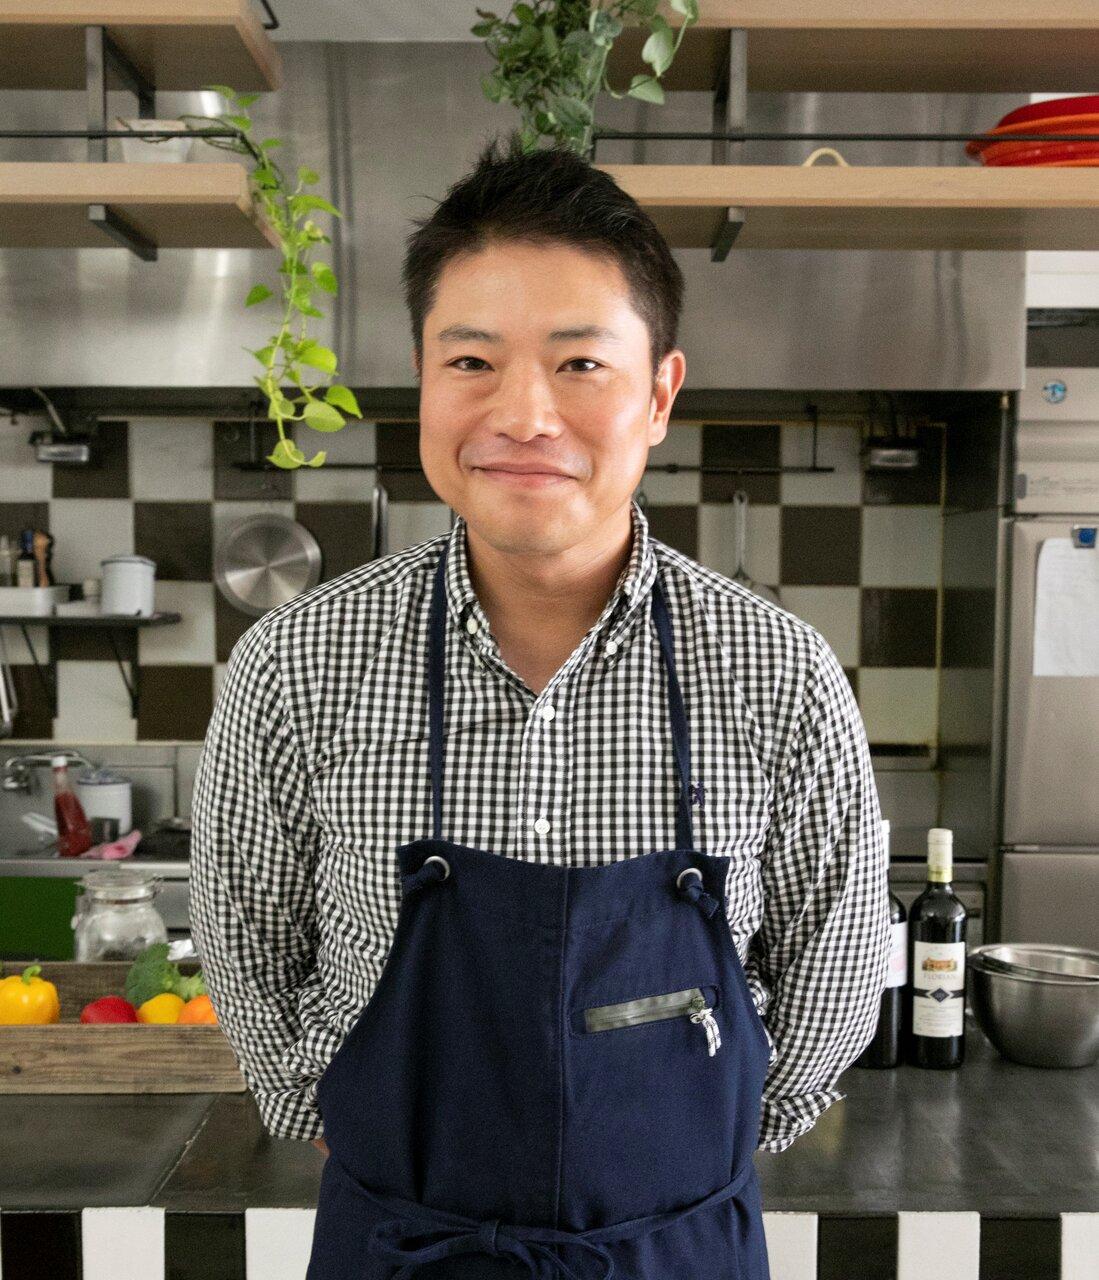 料理家・栗原心平さん。昨年から公式YouTubeチャンネル『ごちそうさまチャンネル』を開設。栗原心平式レシピをたっぷり公開中。<br>